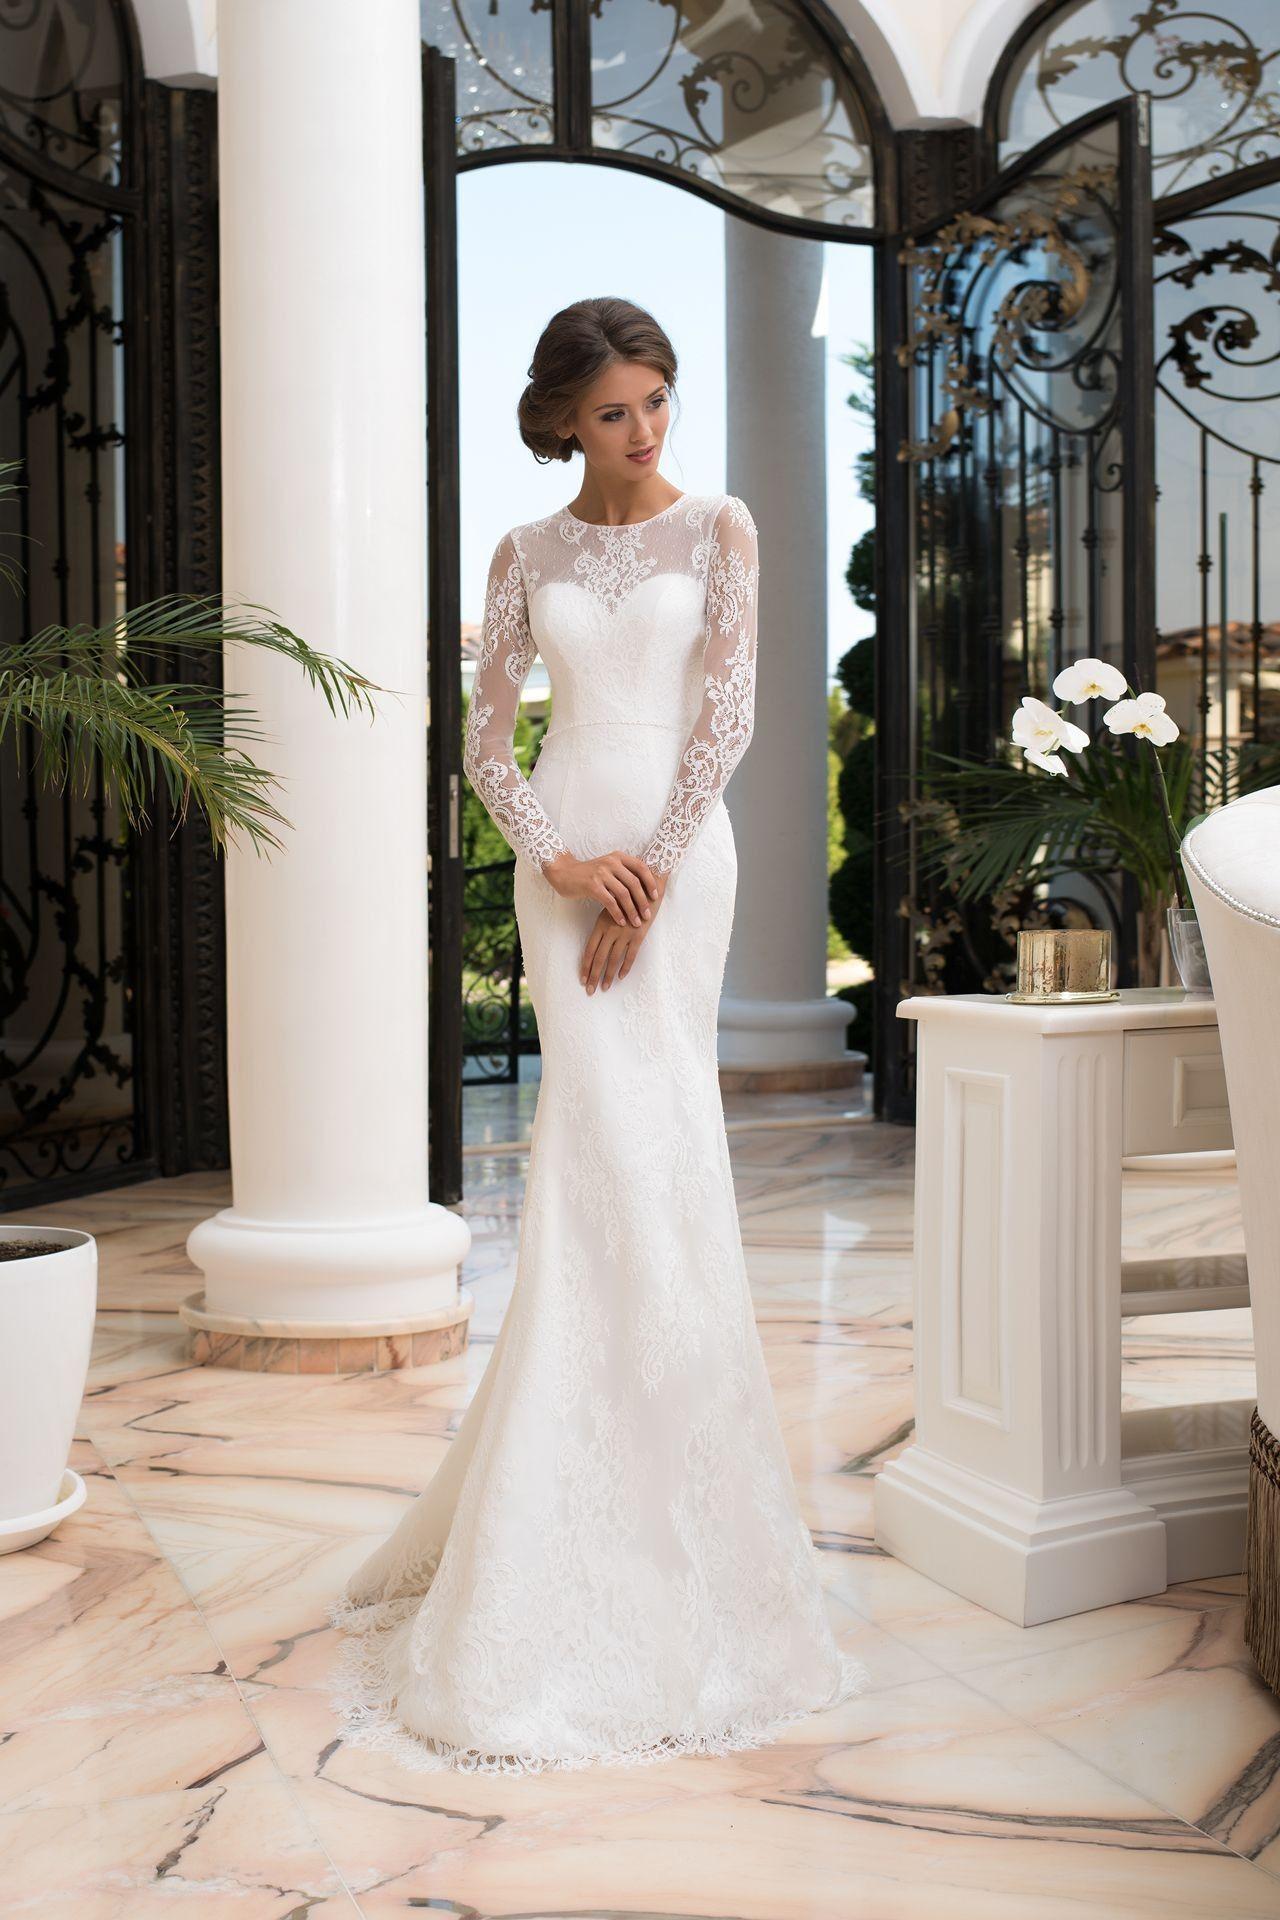 Jednoduché luxusné priliehavé svadobné šaty  d21f44fbcc4